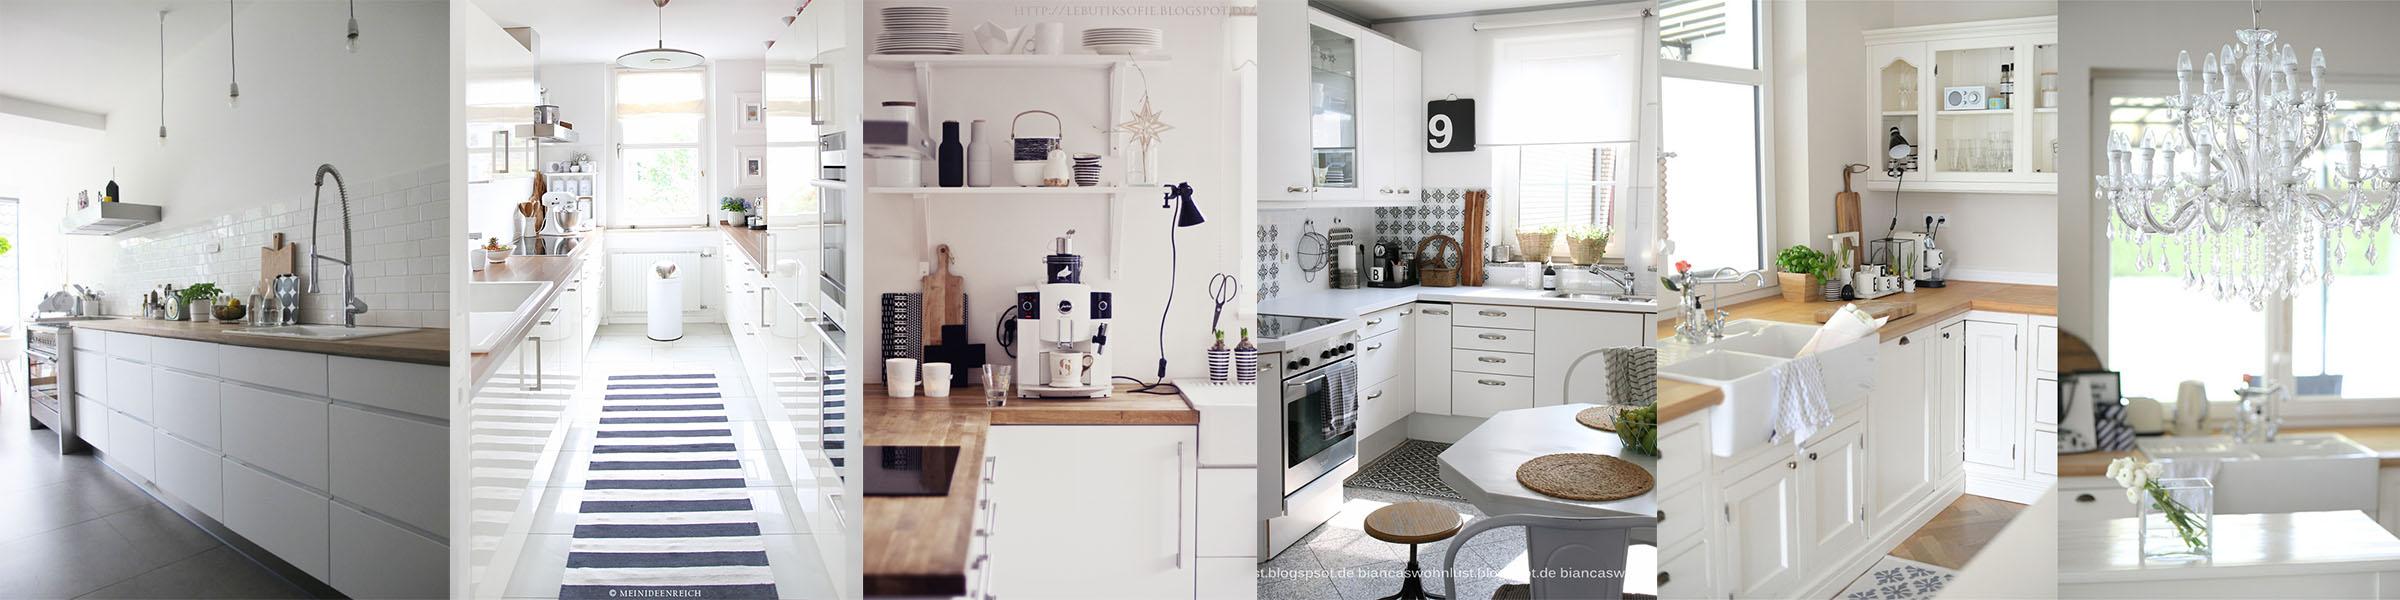 k chenplanung wertvolle tipps. Black Bedroom Furniture Sets. Home Design Ideas